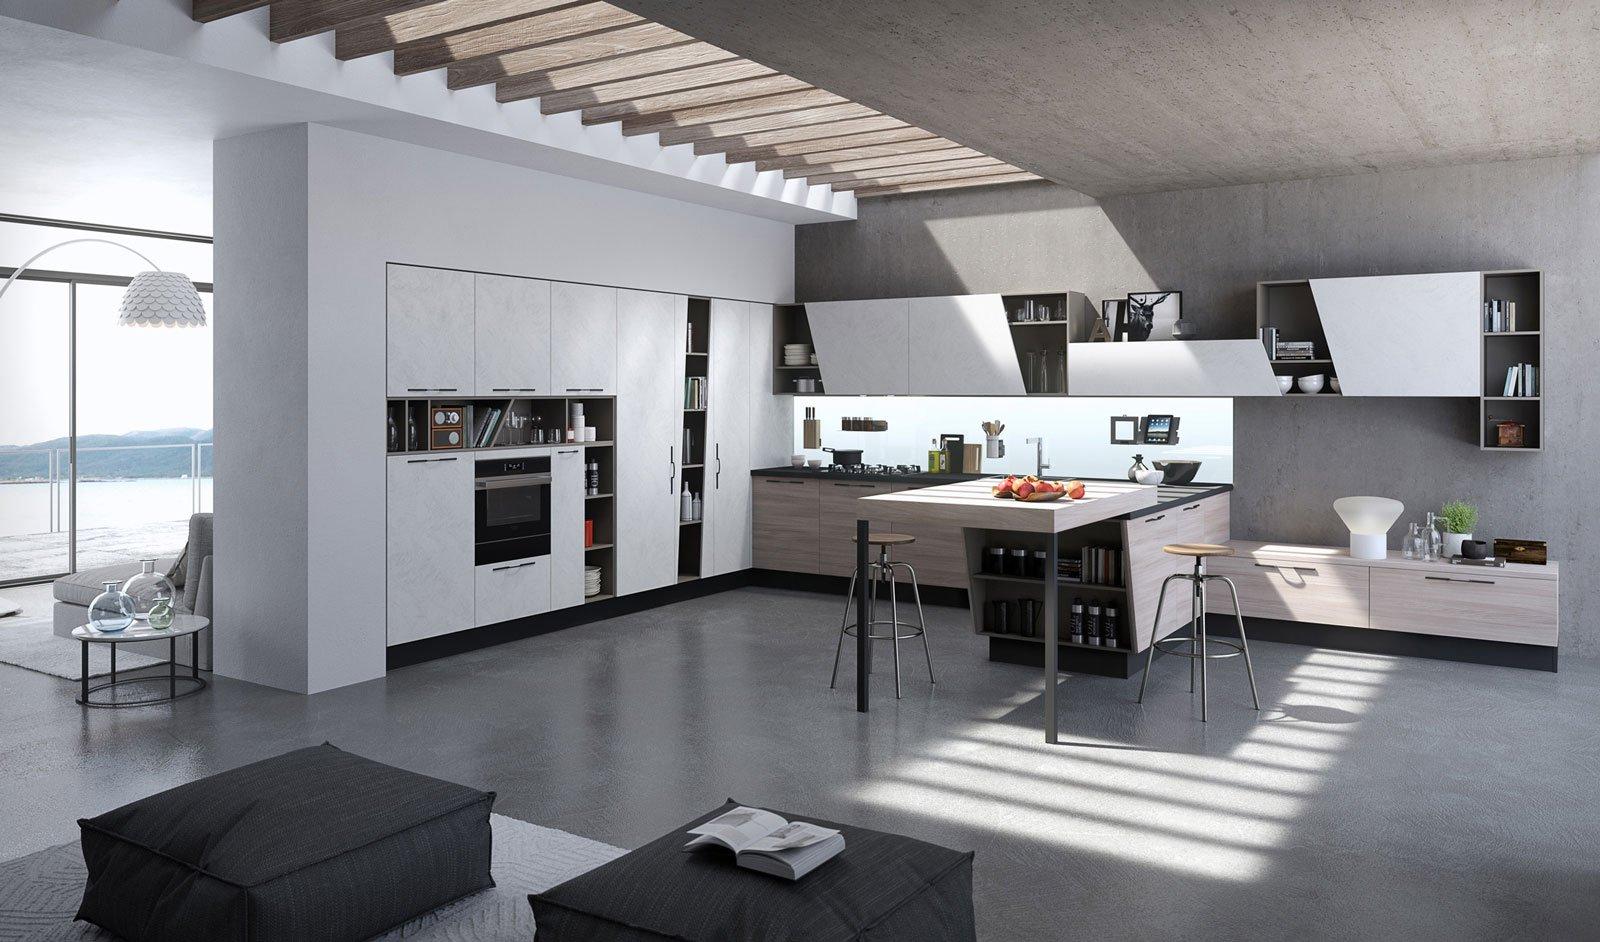 Cucine in laminato cose di casa for Cucina light